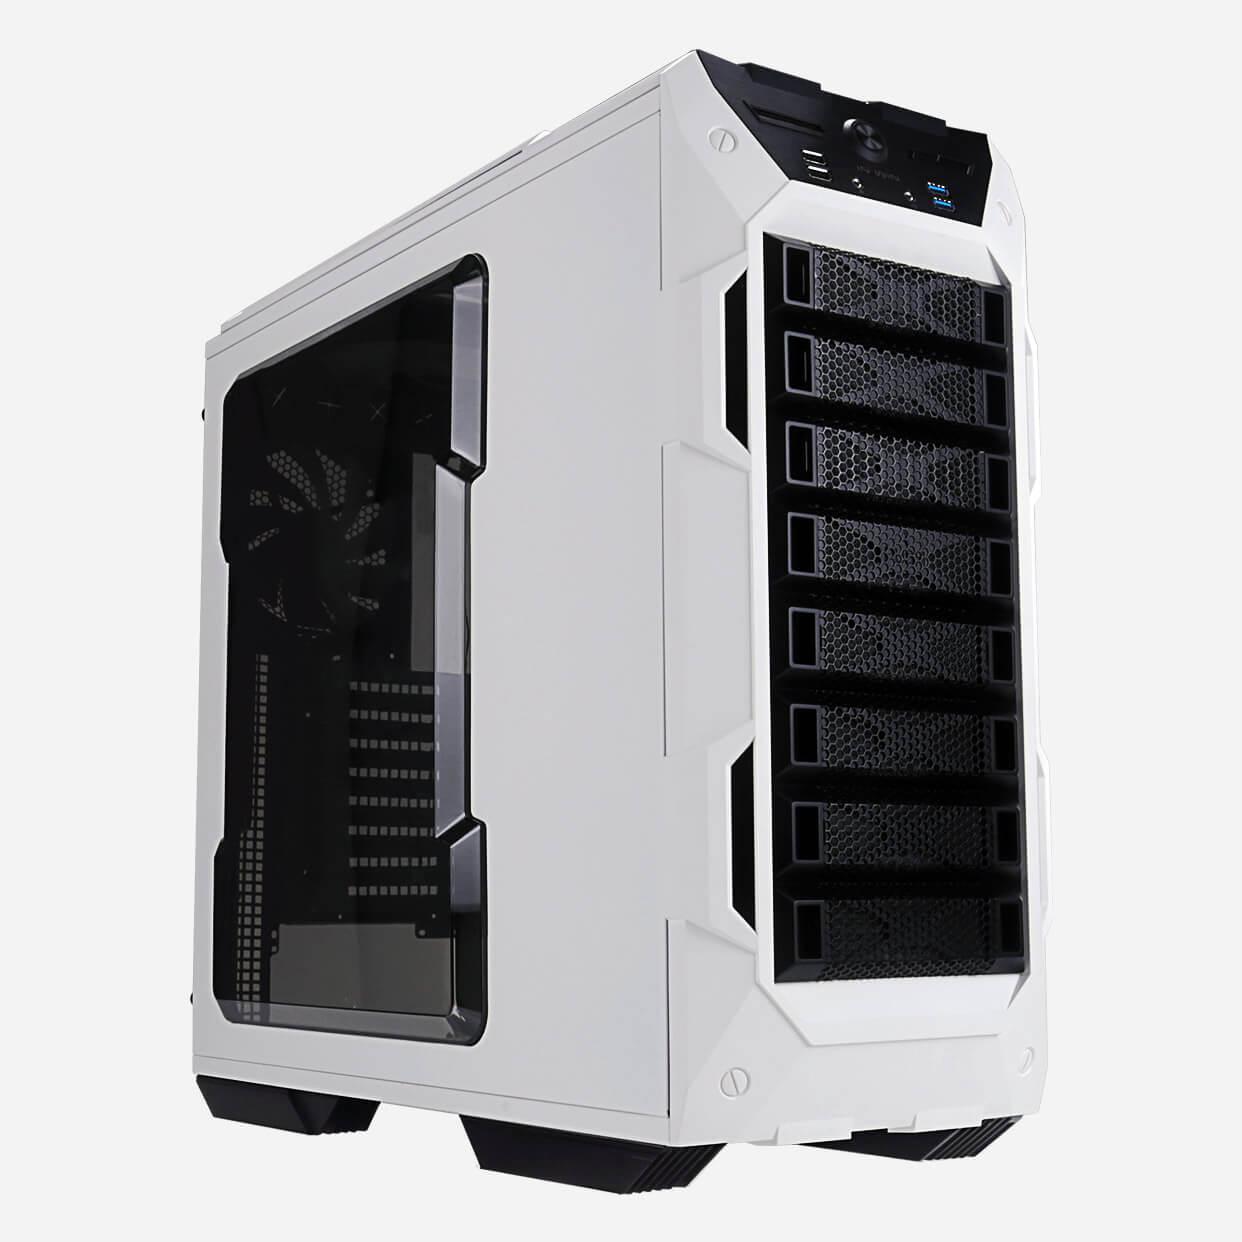 Sélection d'articles en promotion - Ex: Boîtier PC Full Tower InWin - frais de port inclus (in-win.com)